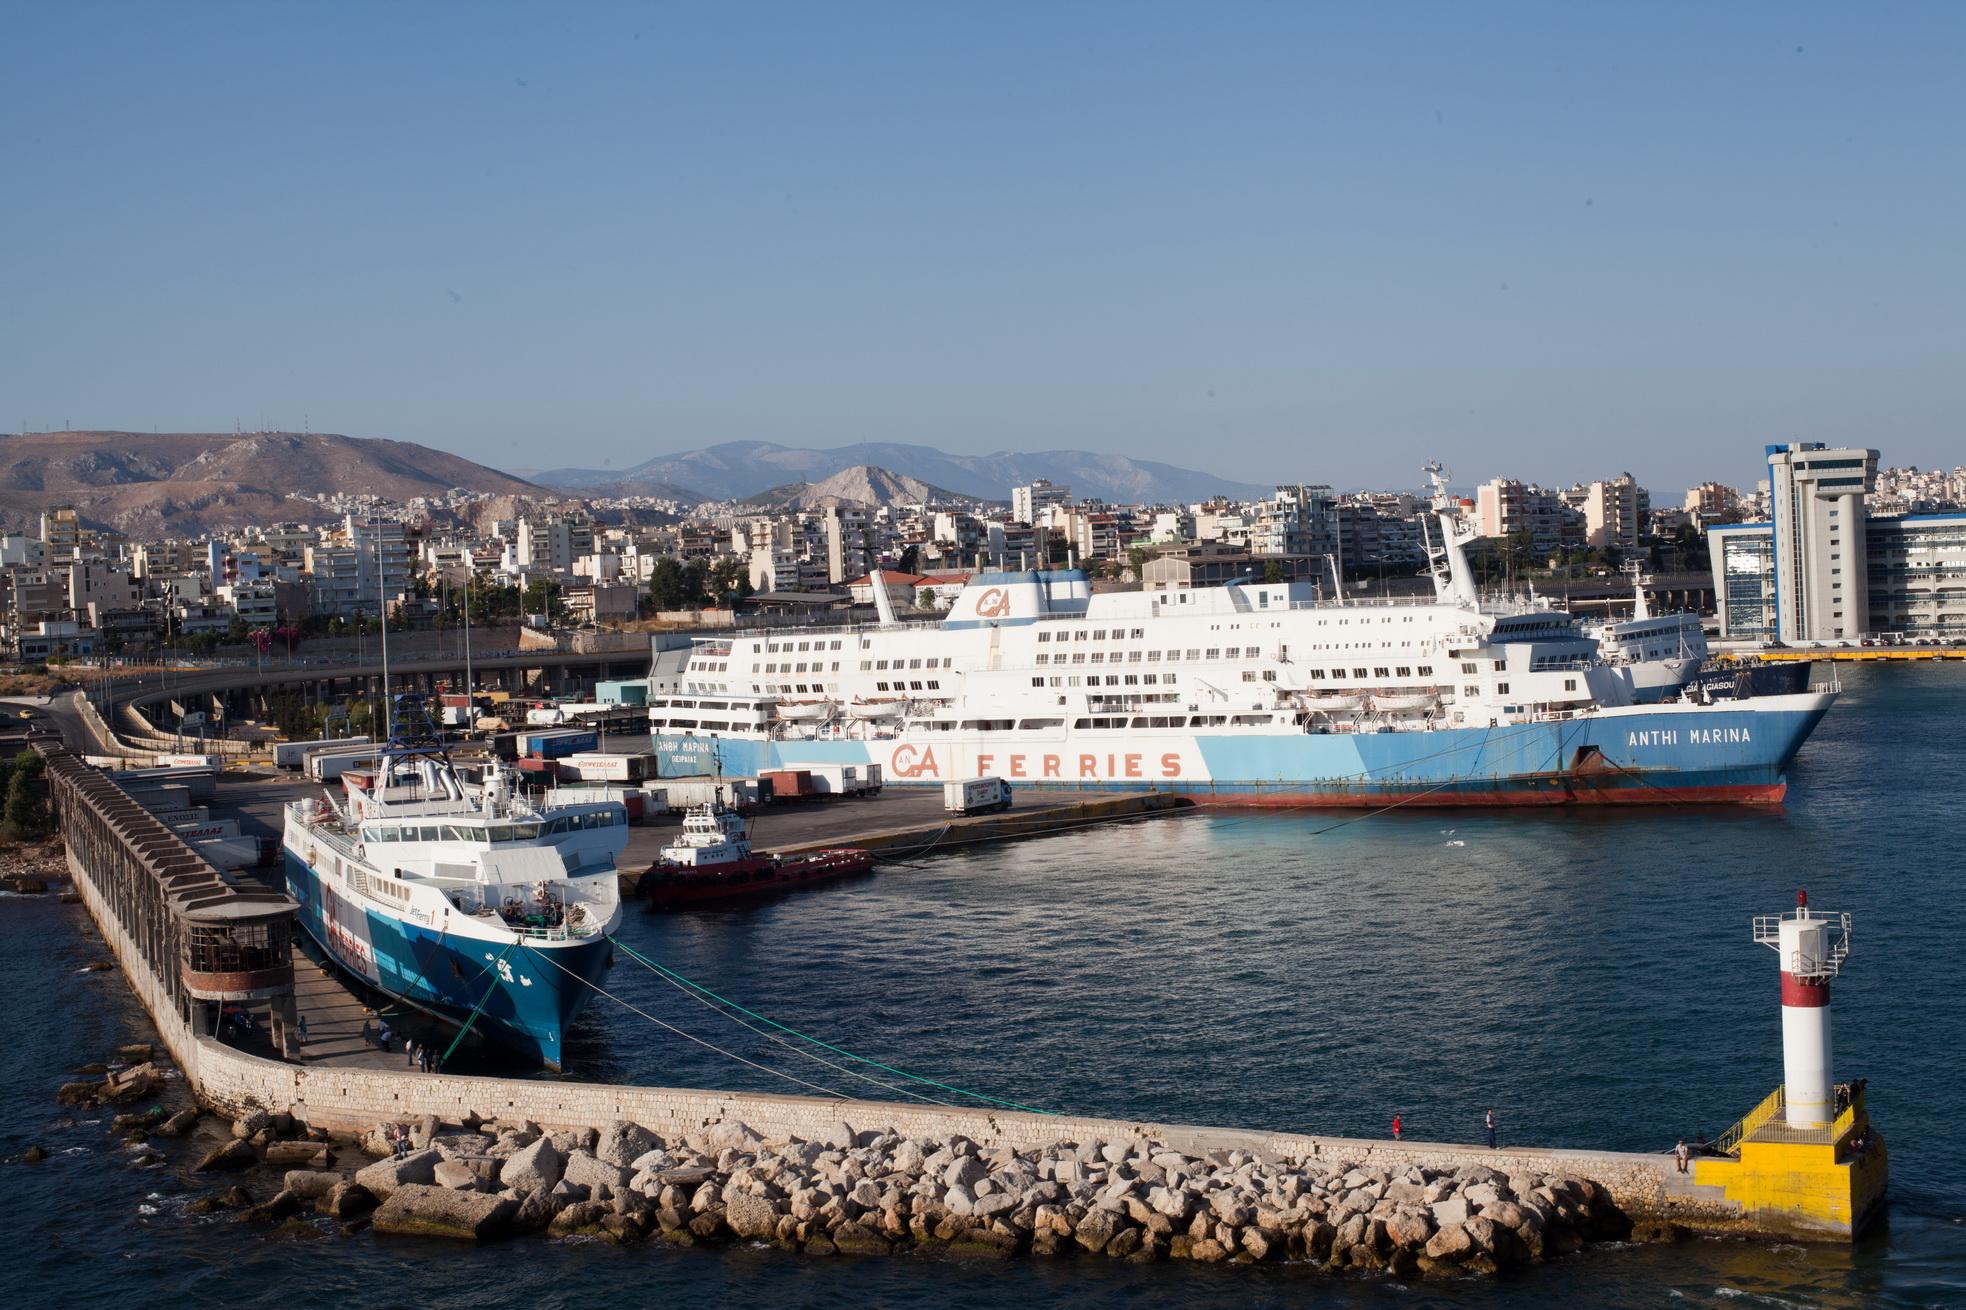 MS Anthi Marina IMO 7820473 GA Ferries docked Piraeus Port of Athens Greece 02